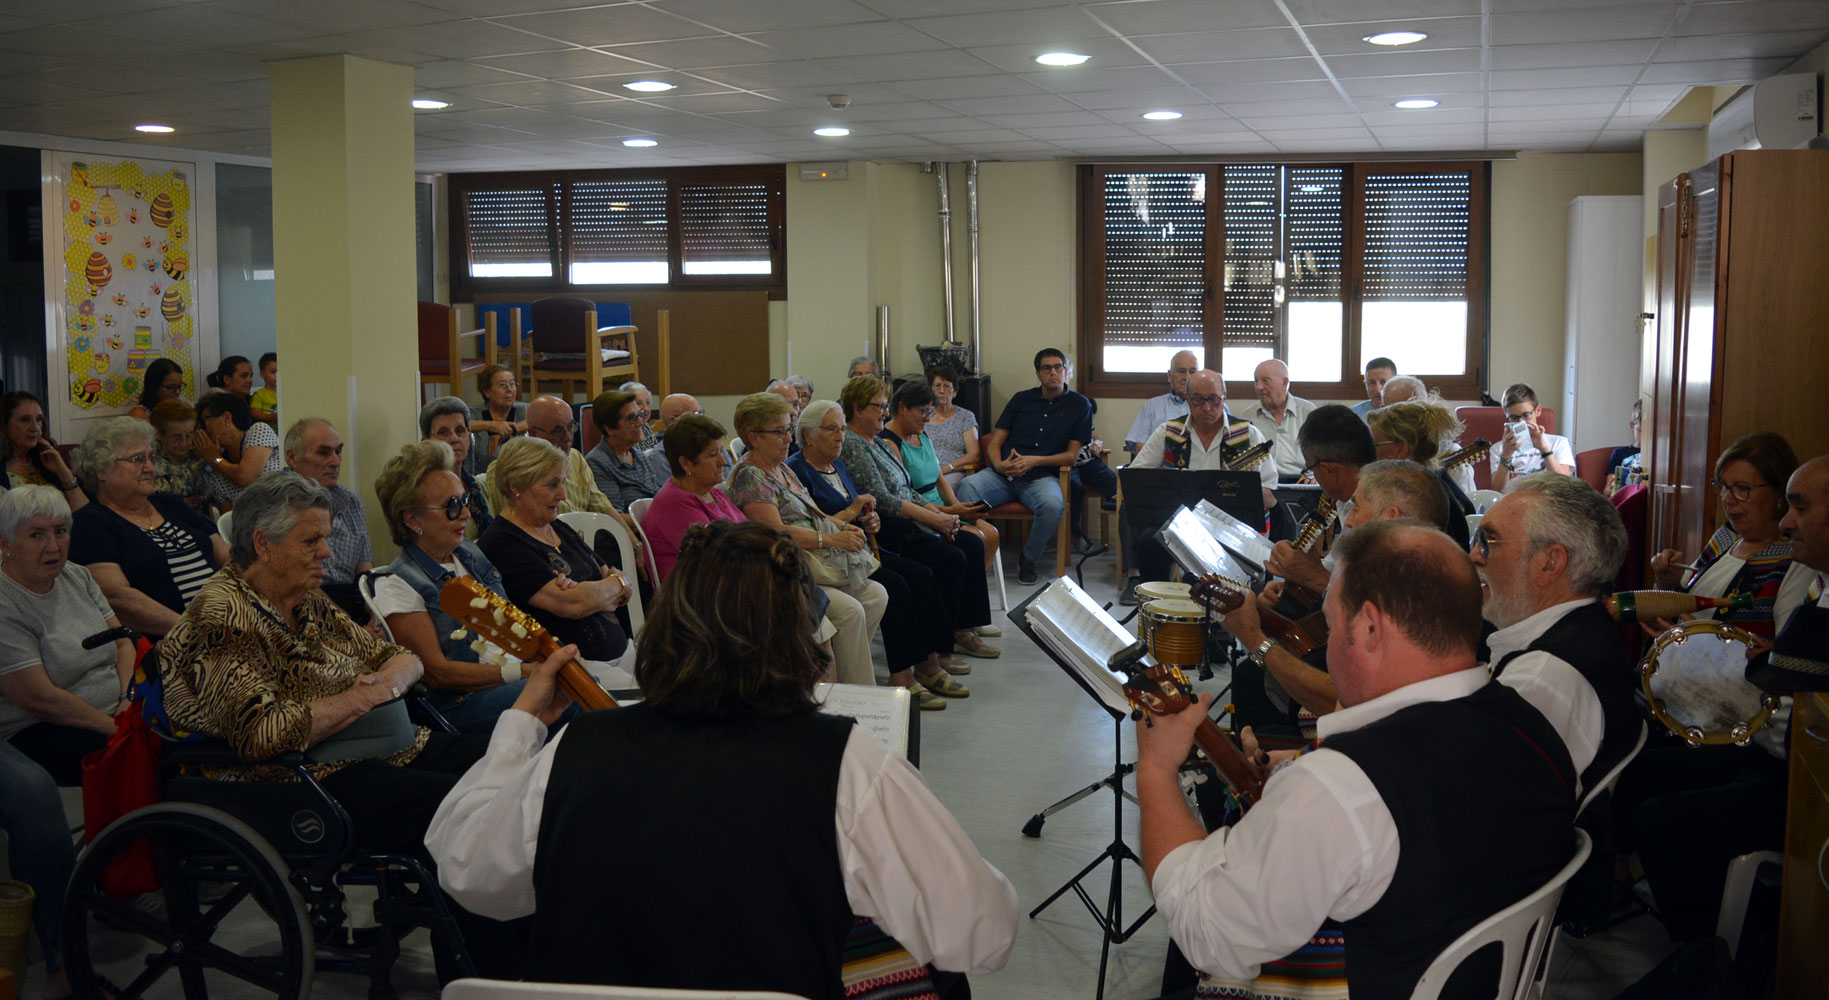 Festa dels 10 anys del Centre de Dia de Morella amb concert de la Rondalla